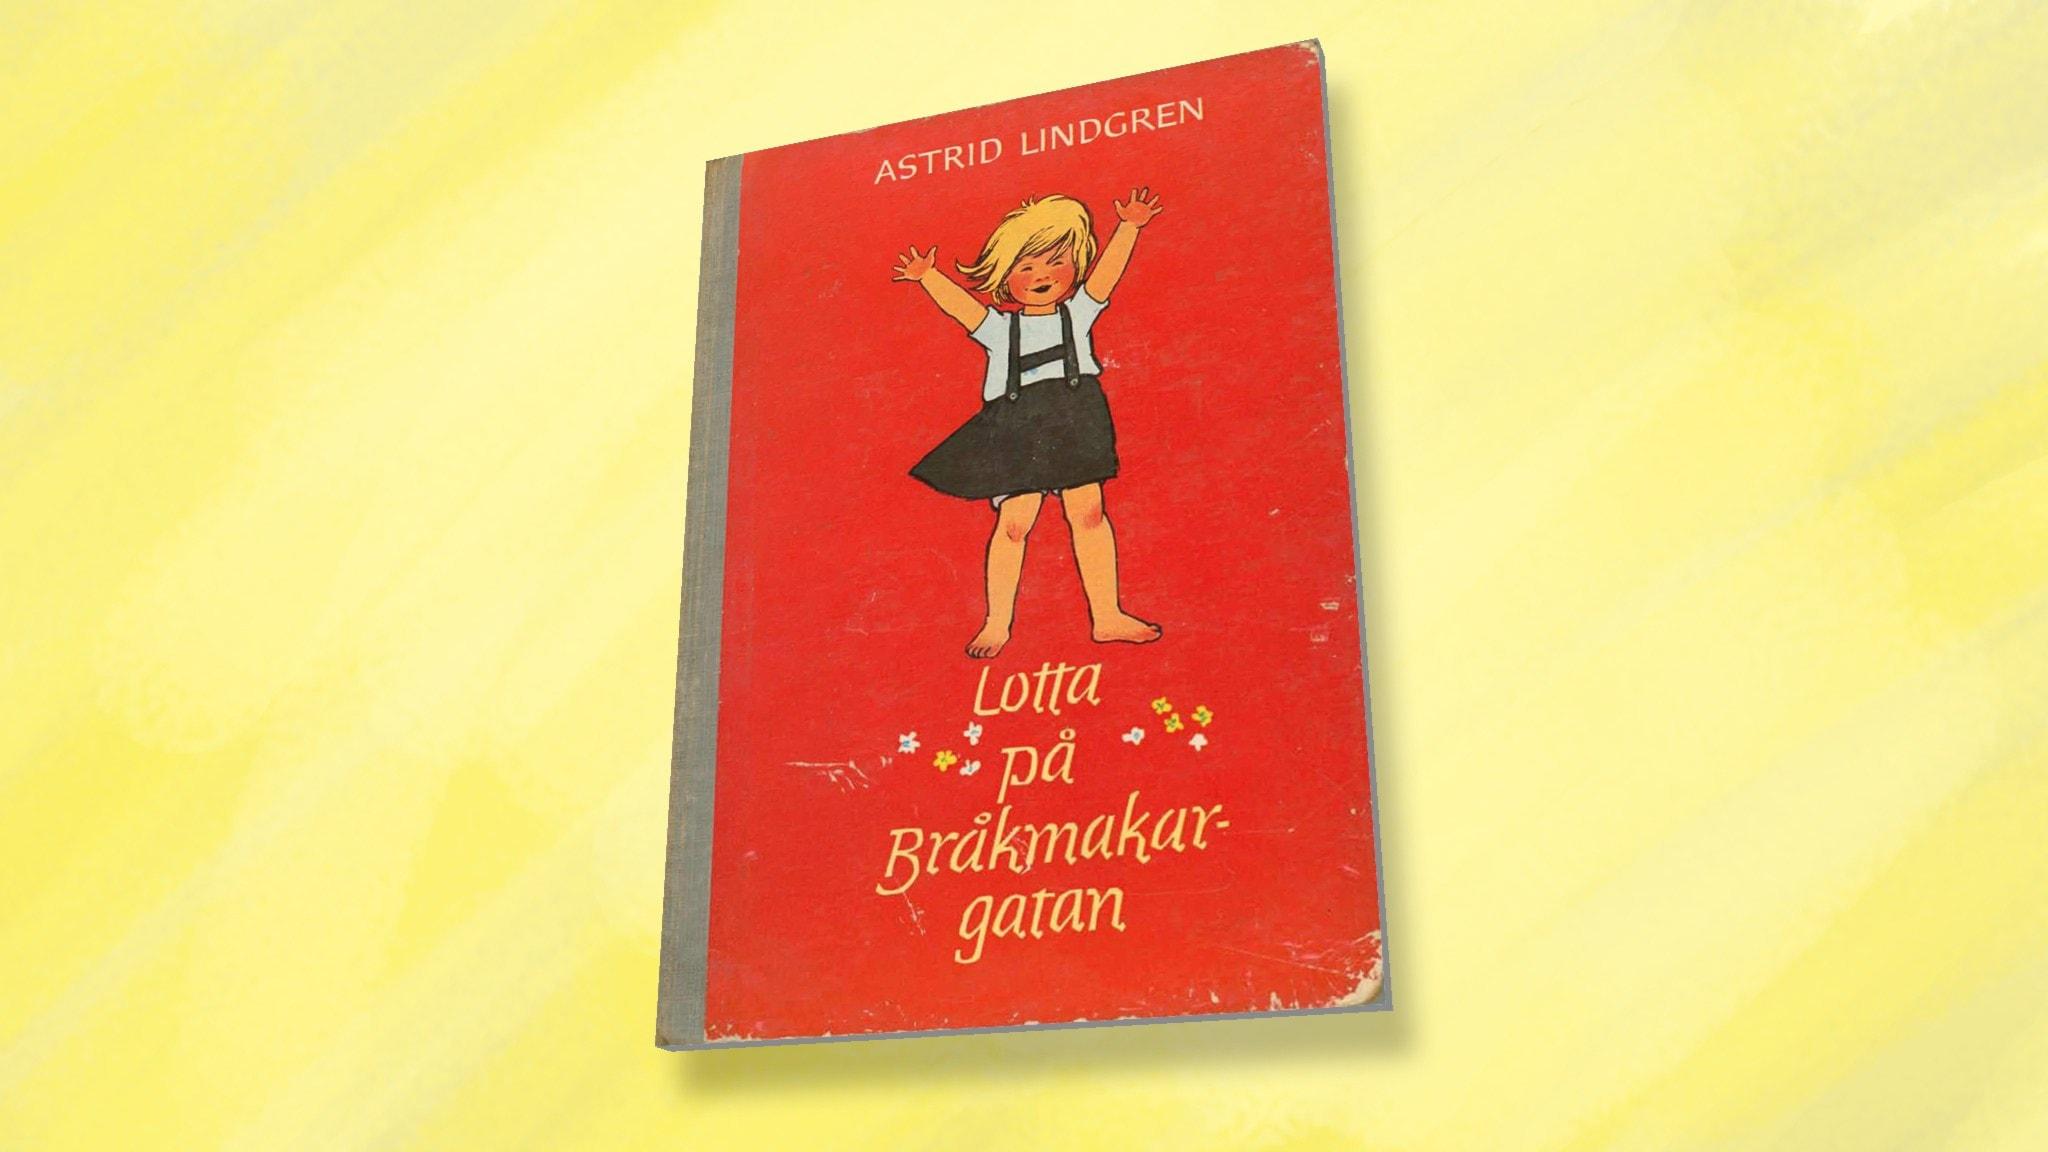 Astrid Lindgren: Lotta på Bråkmakargatan